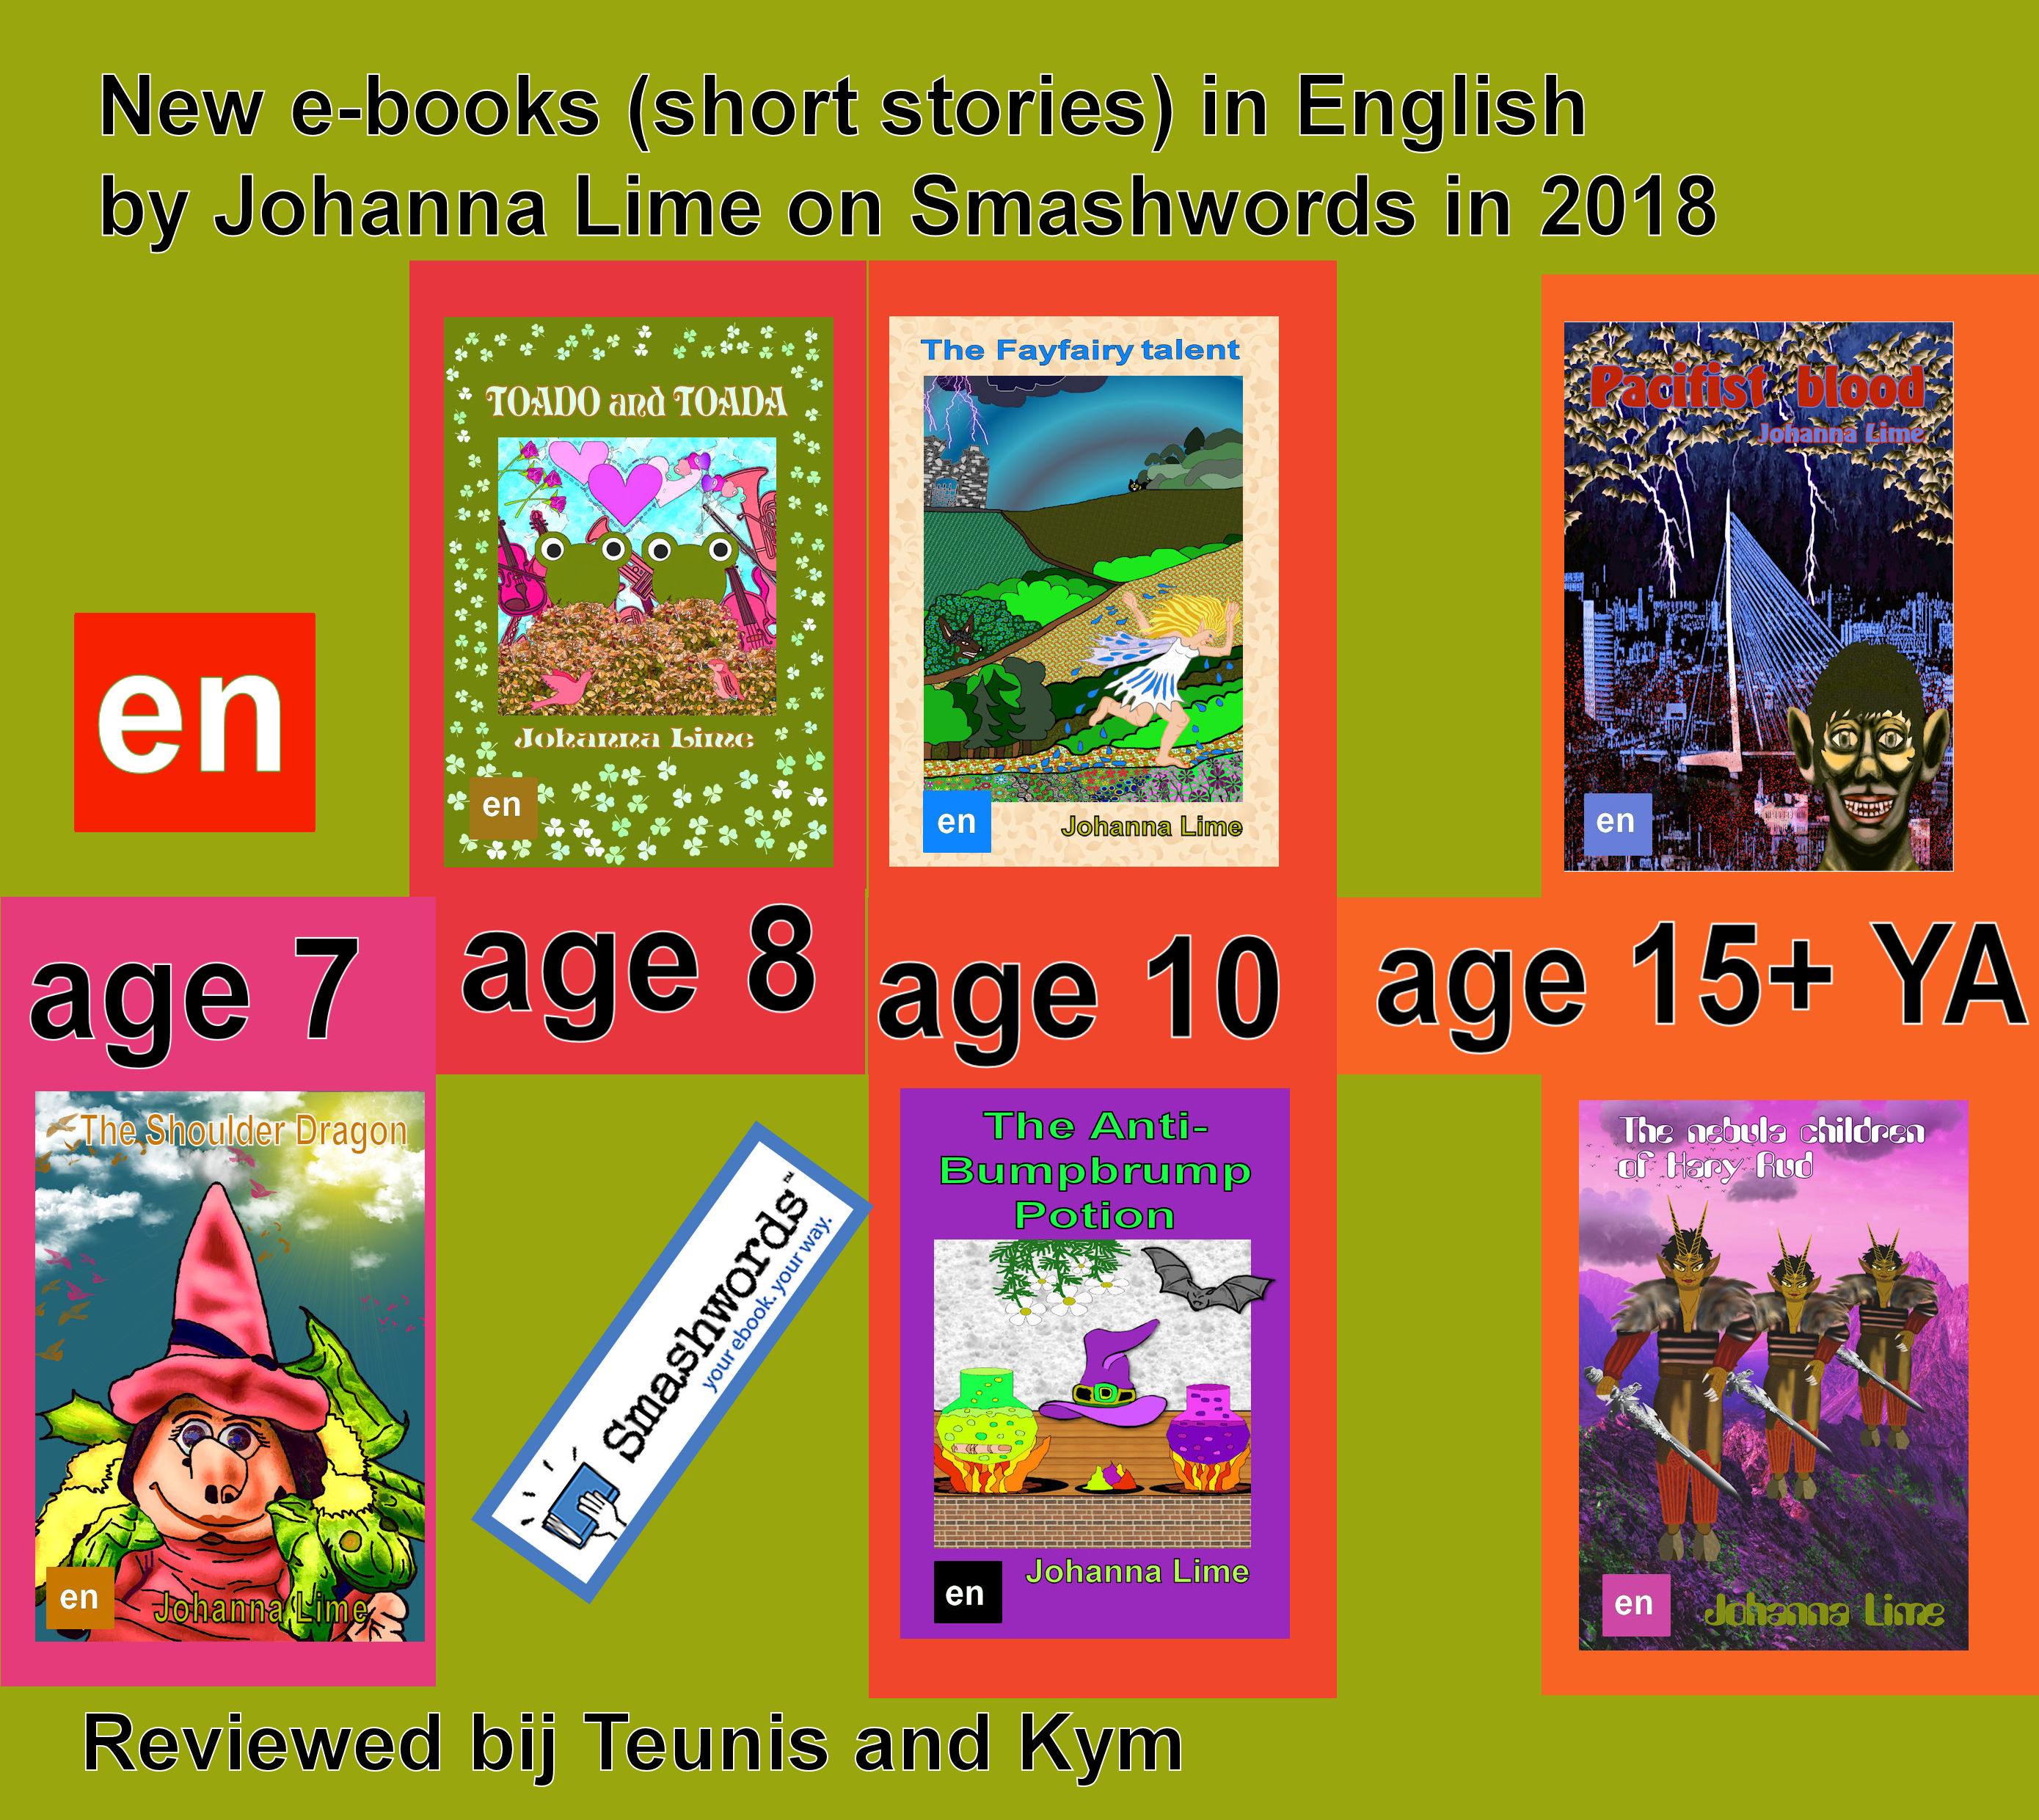 New EN E-books 20180820 - 20181207